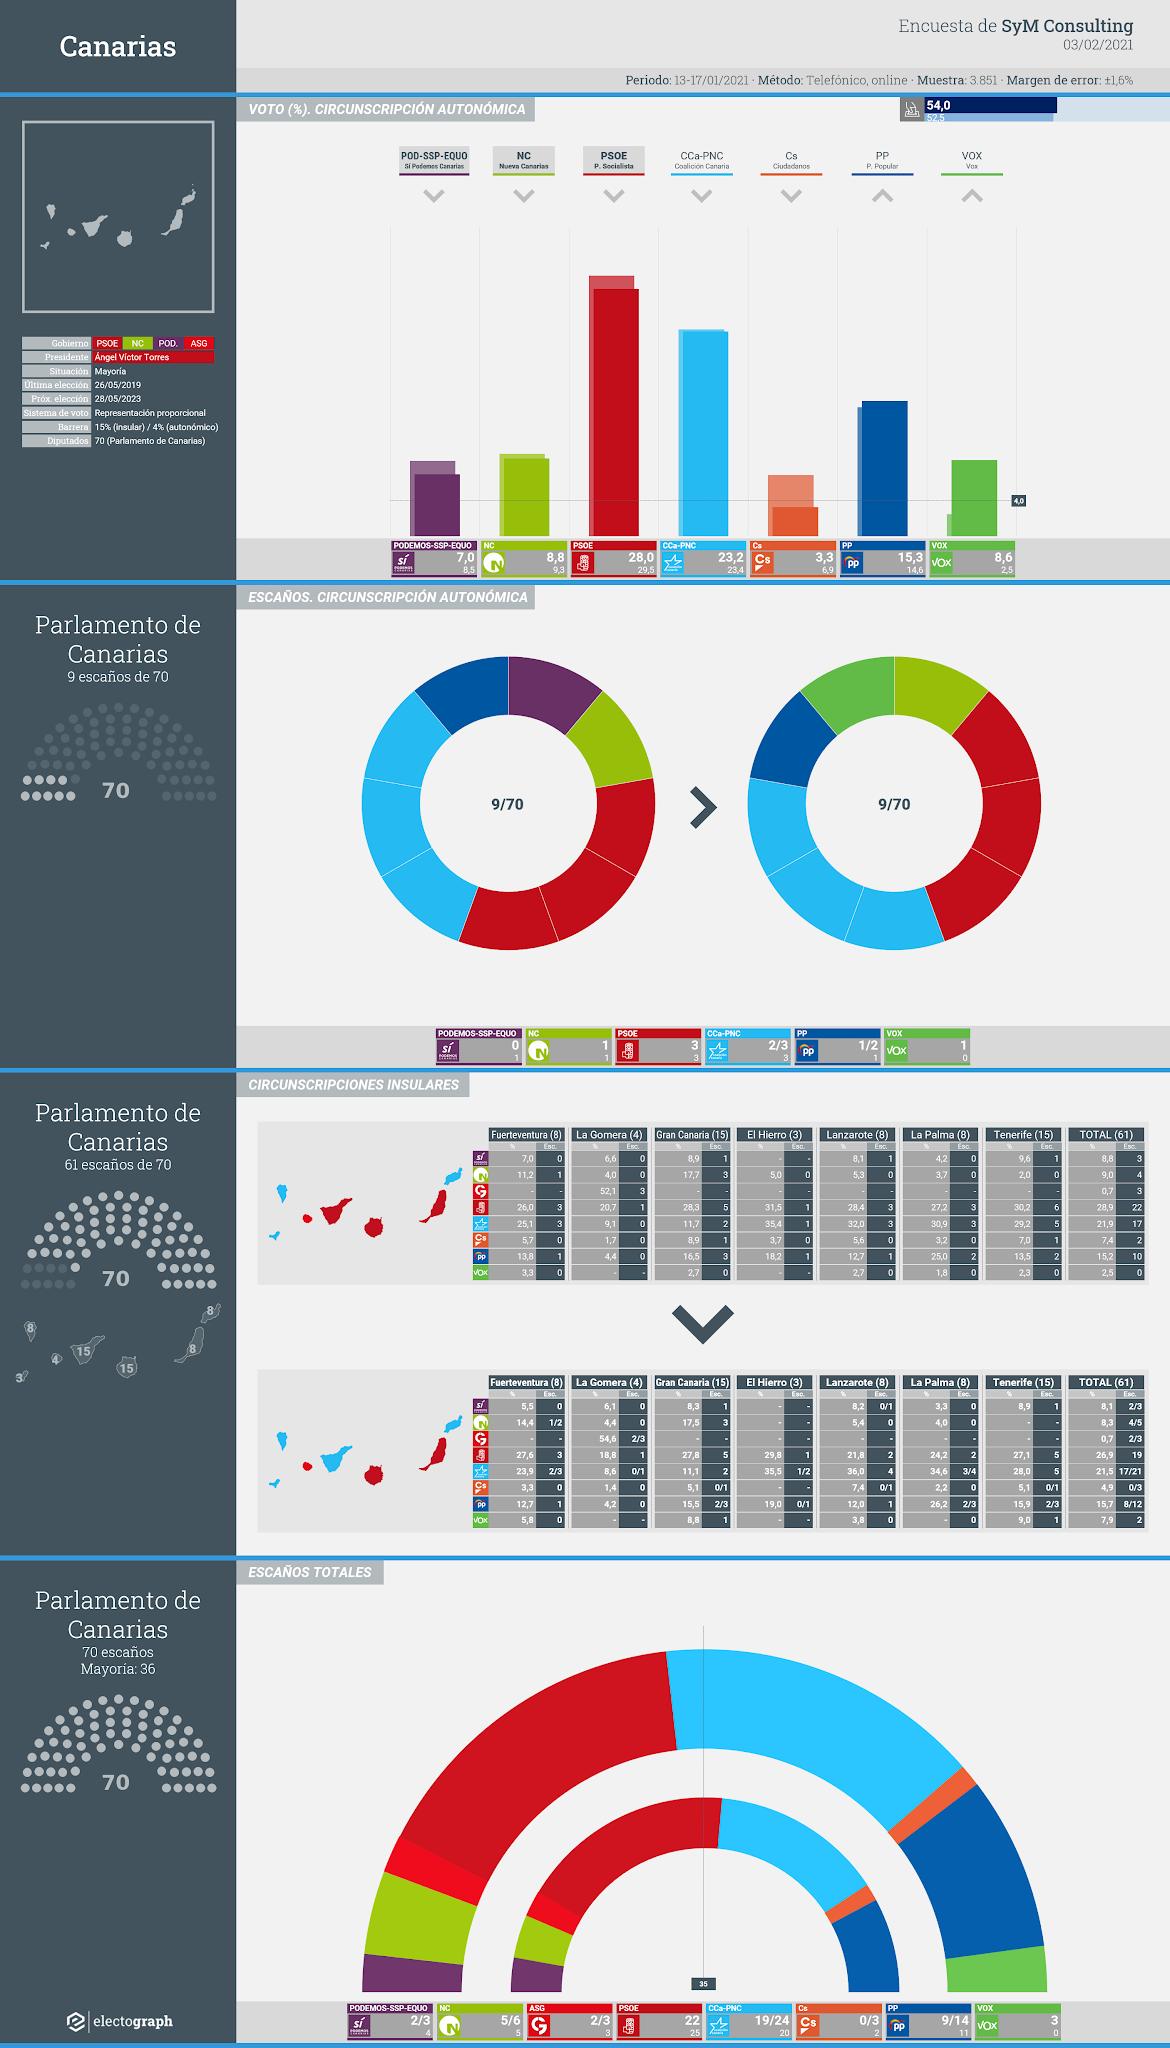 Gráfico de la encuesta para elecciones autonómicas en Canarias realizada por SyM Consulting, 3 de febrero de 2021